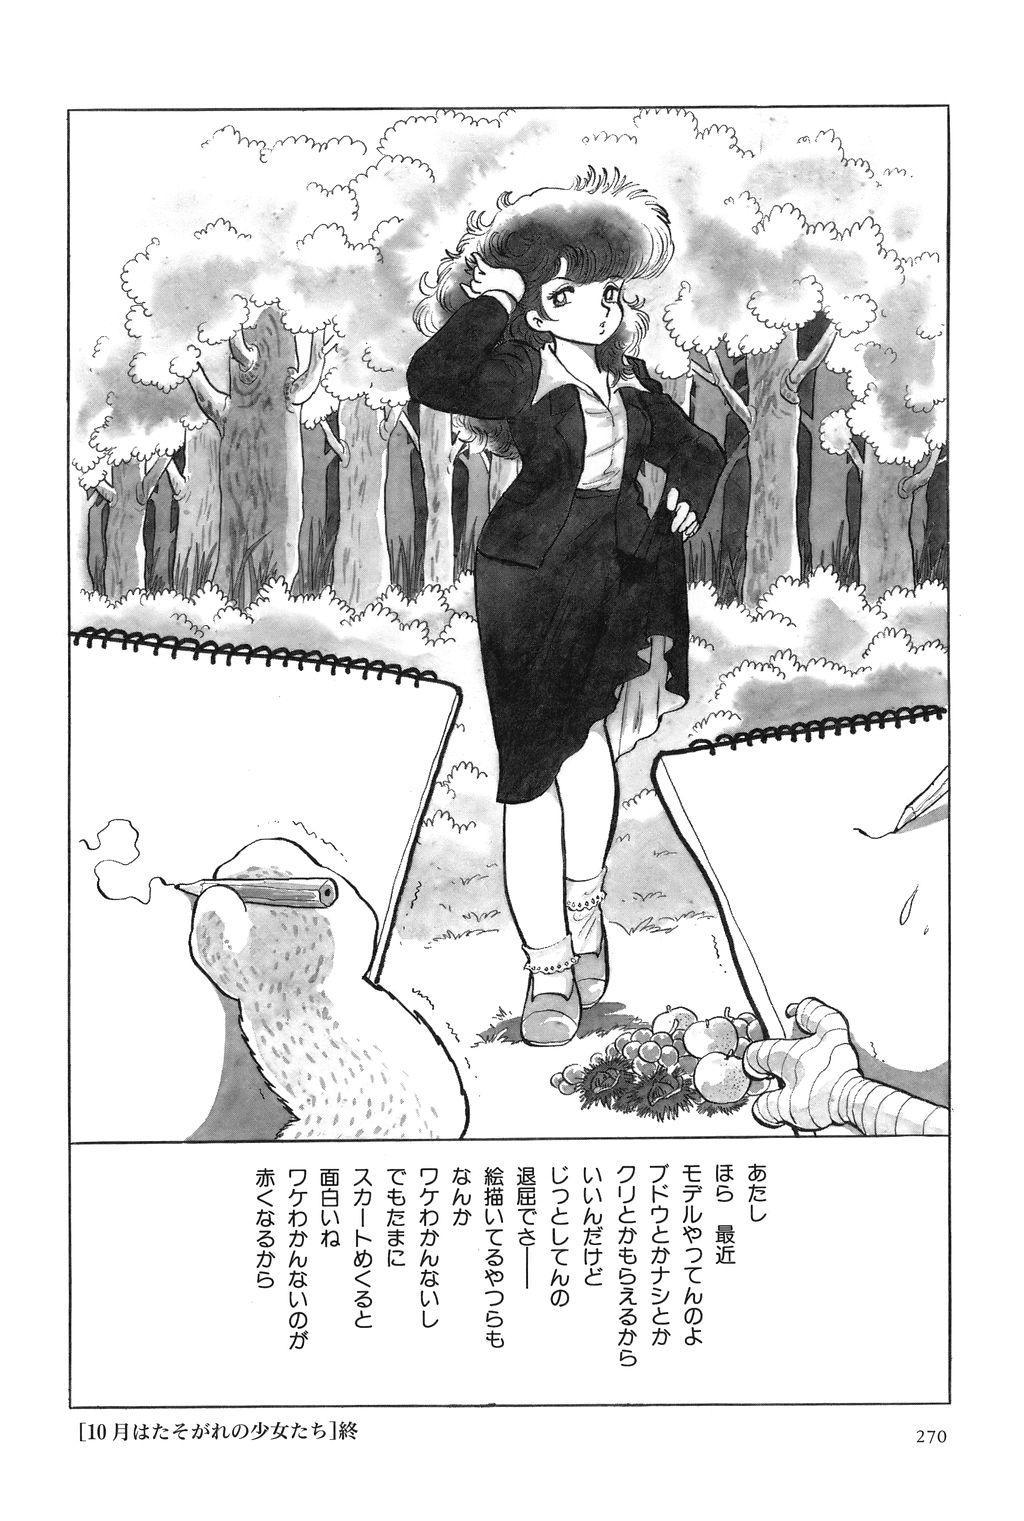 Azuma Hideo Sakuhin Shuusei - Yoru no Tobari no Naka de 271